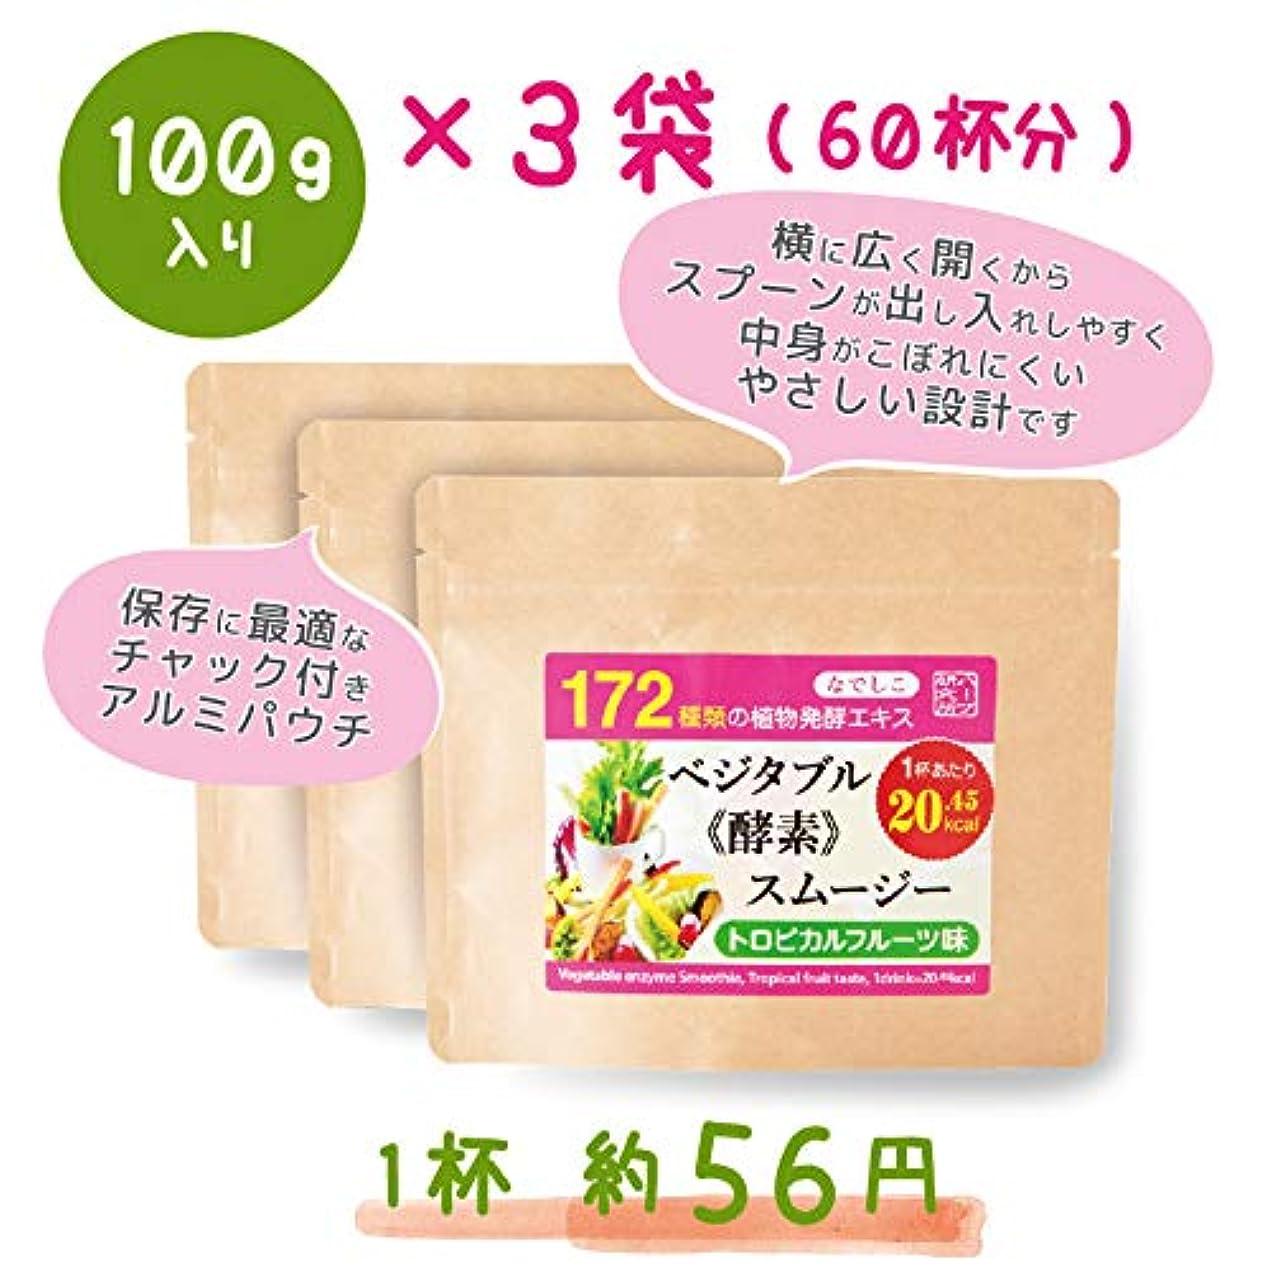 製造防ぐ失態なでしこ ベジタブル酵素入り グリーンスムージー(トロピカルフルーツ味)300g (100g×3パック)で20%OFF